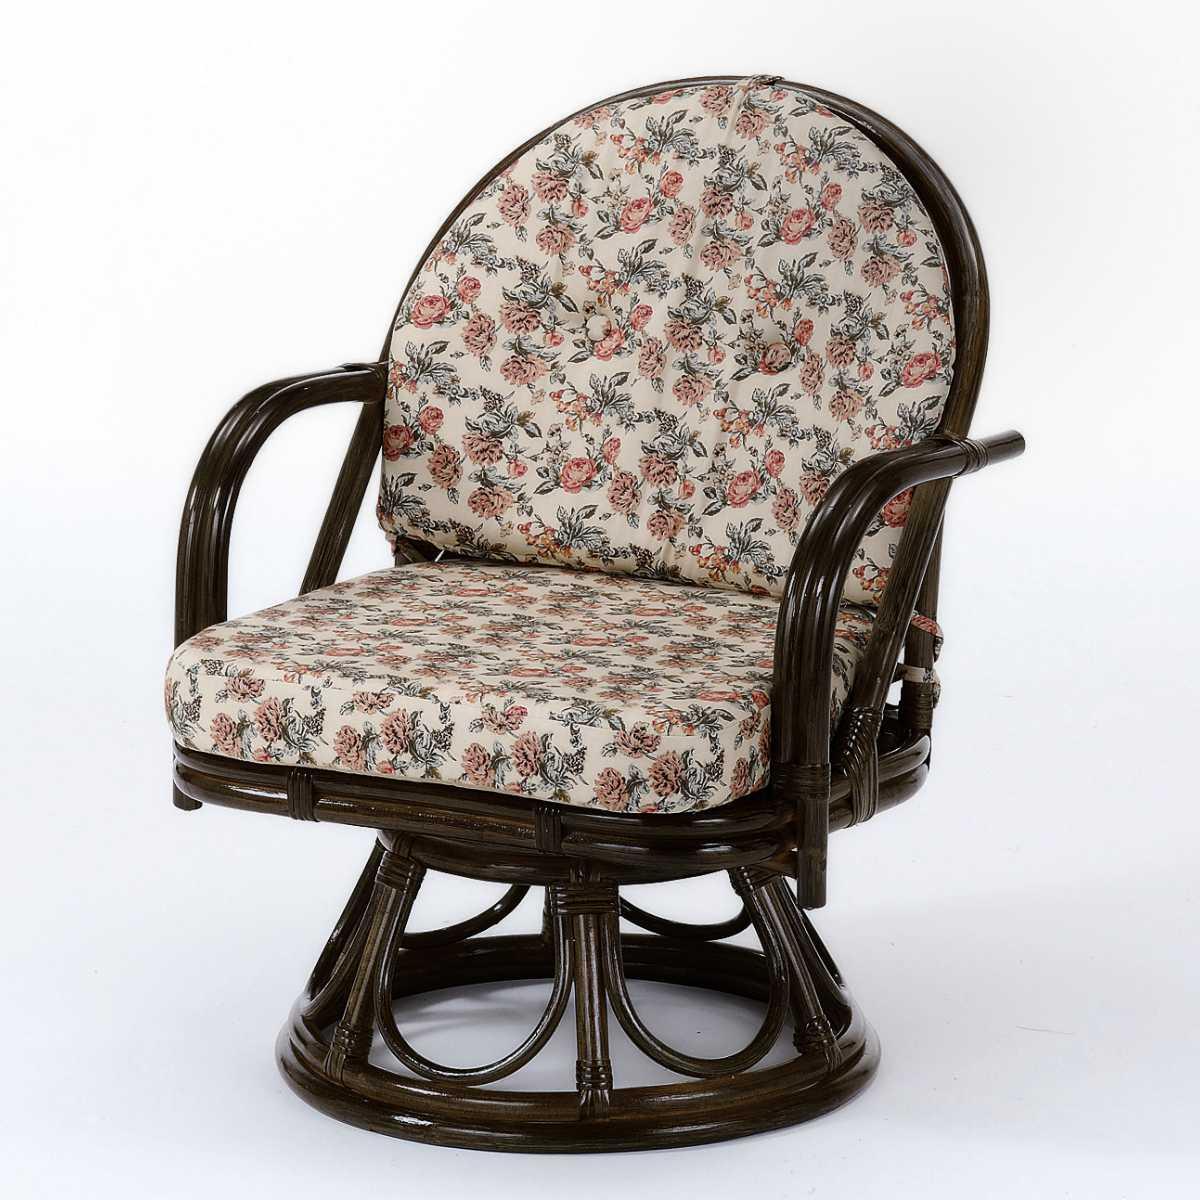 籐(ラタン) 回転座椅子 ミドルハイタイプ 【S253B】 送料無料 【5000円以上送料無料】